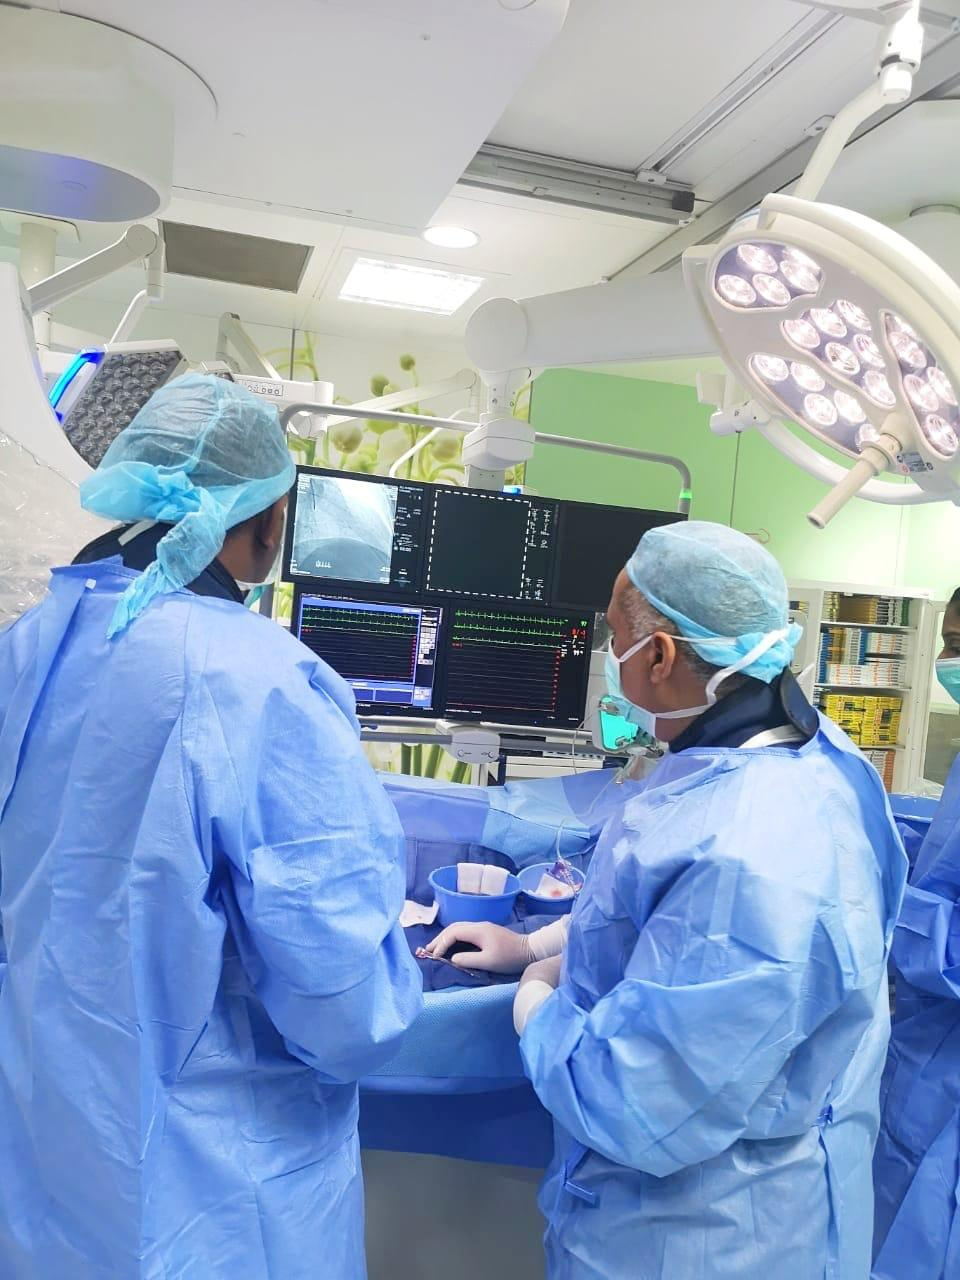 قسطرة قلبية ناجحة باستخدام تقنية Rotablator في نجران